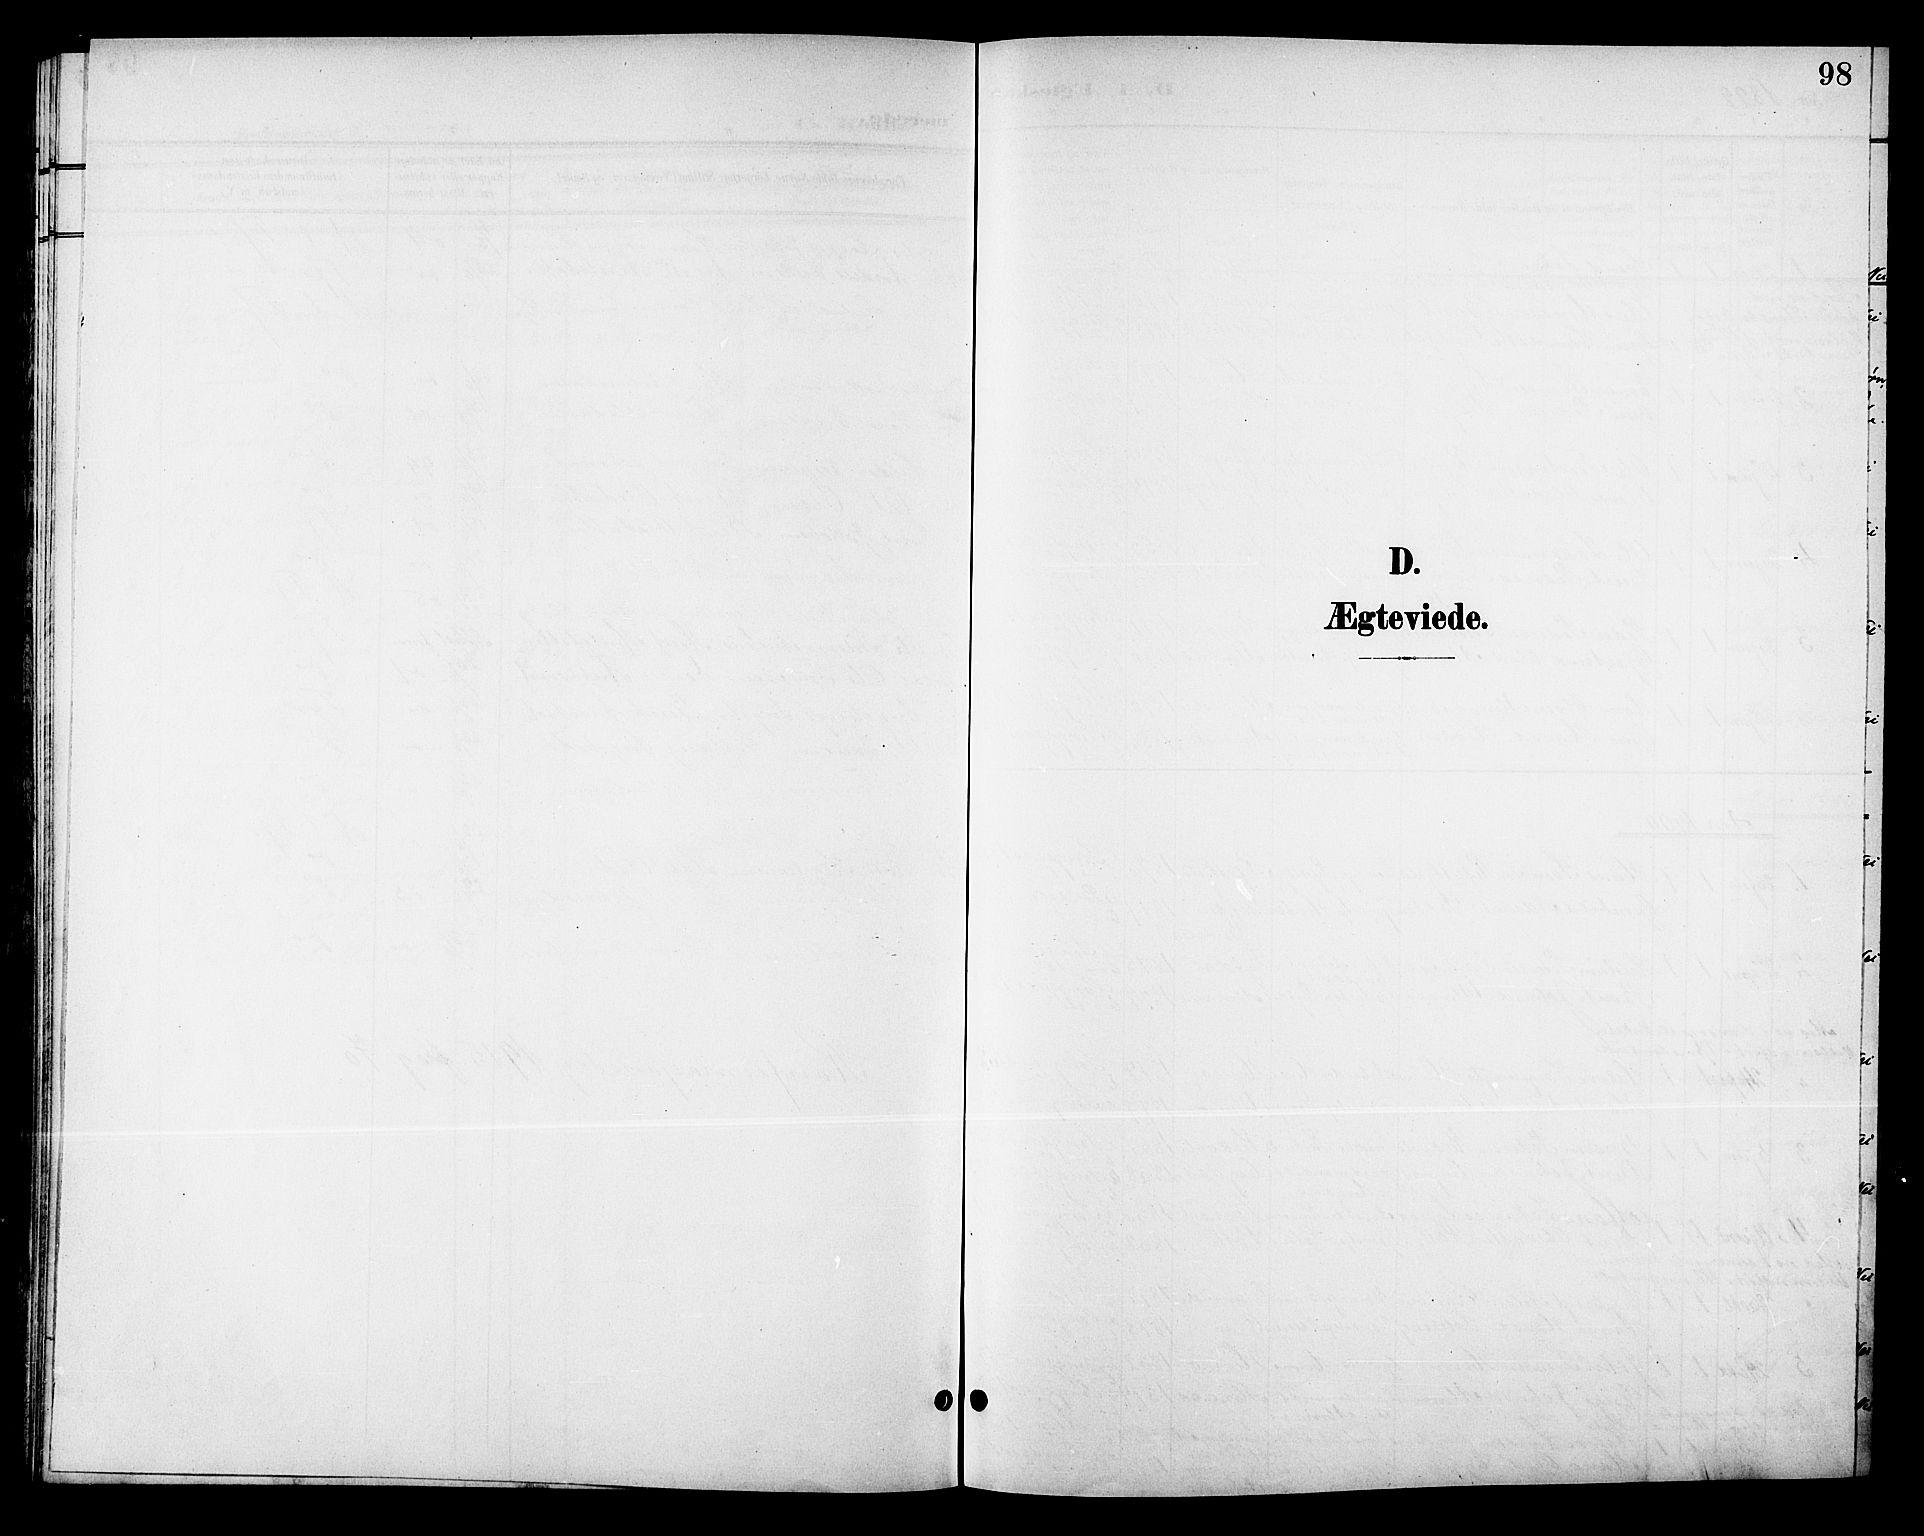 SAT, Ministerialprotokoller, klokkerbøker og fødselsregistre - Sør-Trøndelag, 688/L1029: Klokkerbok nr. 688C04, 1899-1915, s. 98